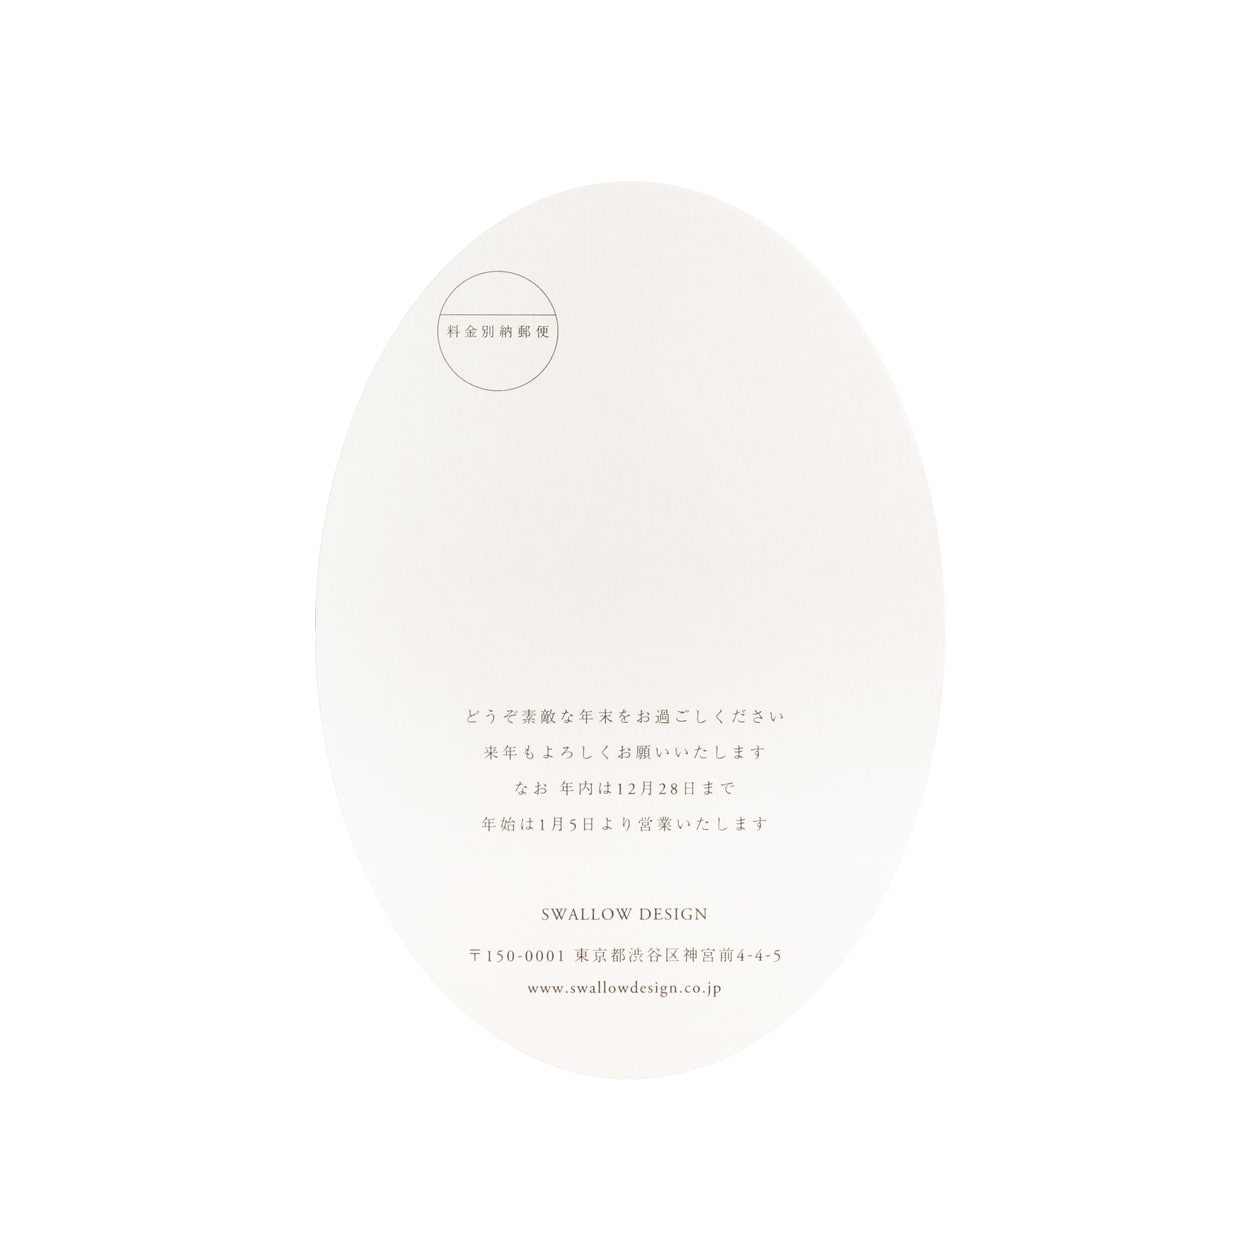 印刷加工オーダー(クリスマス) T524